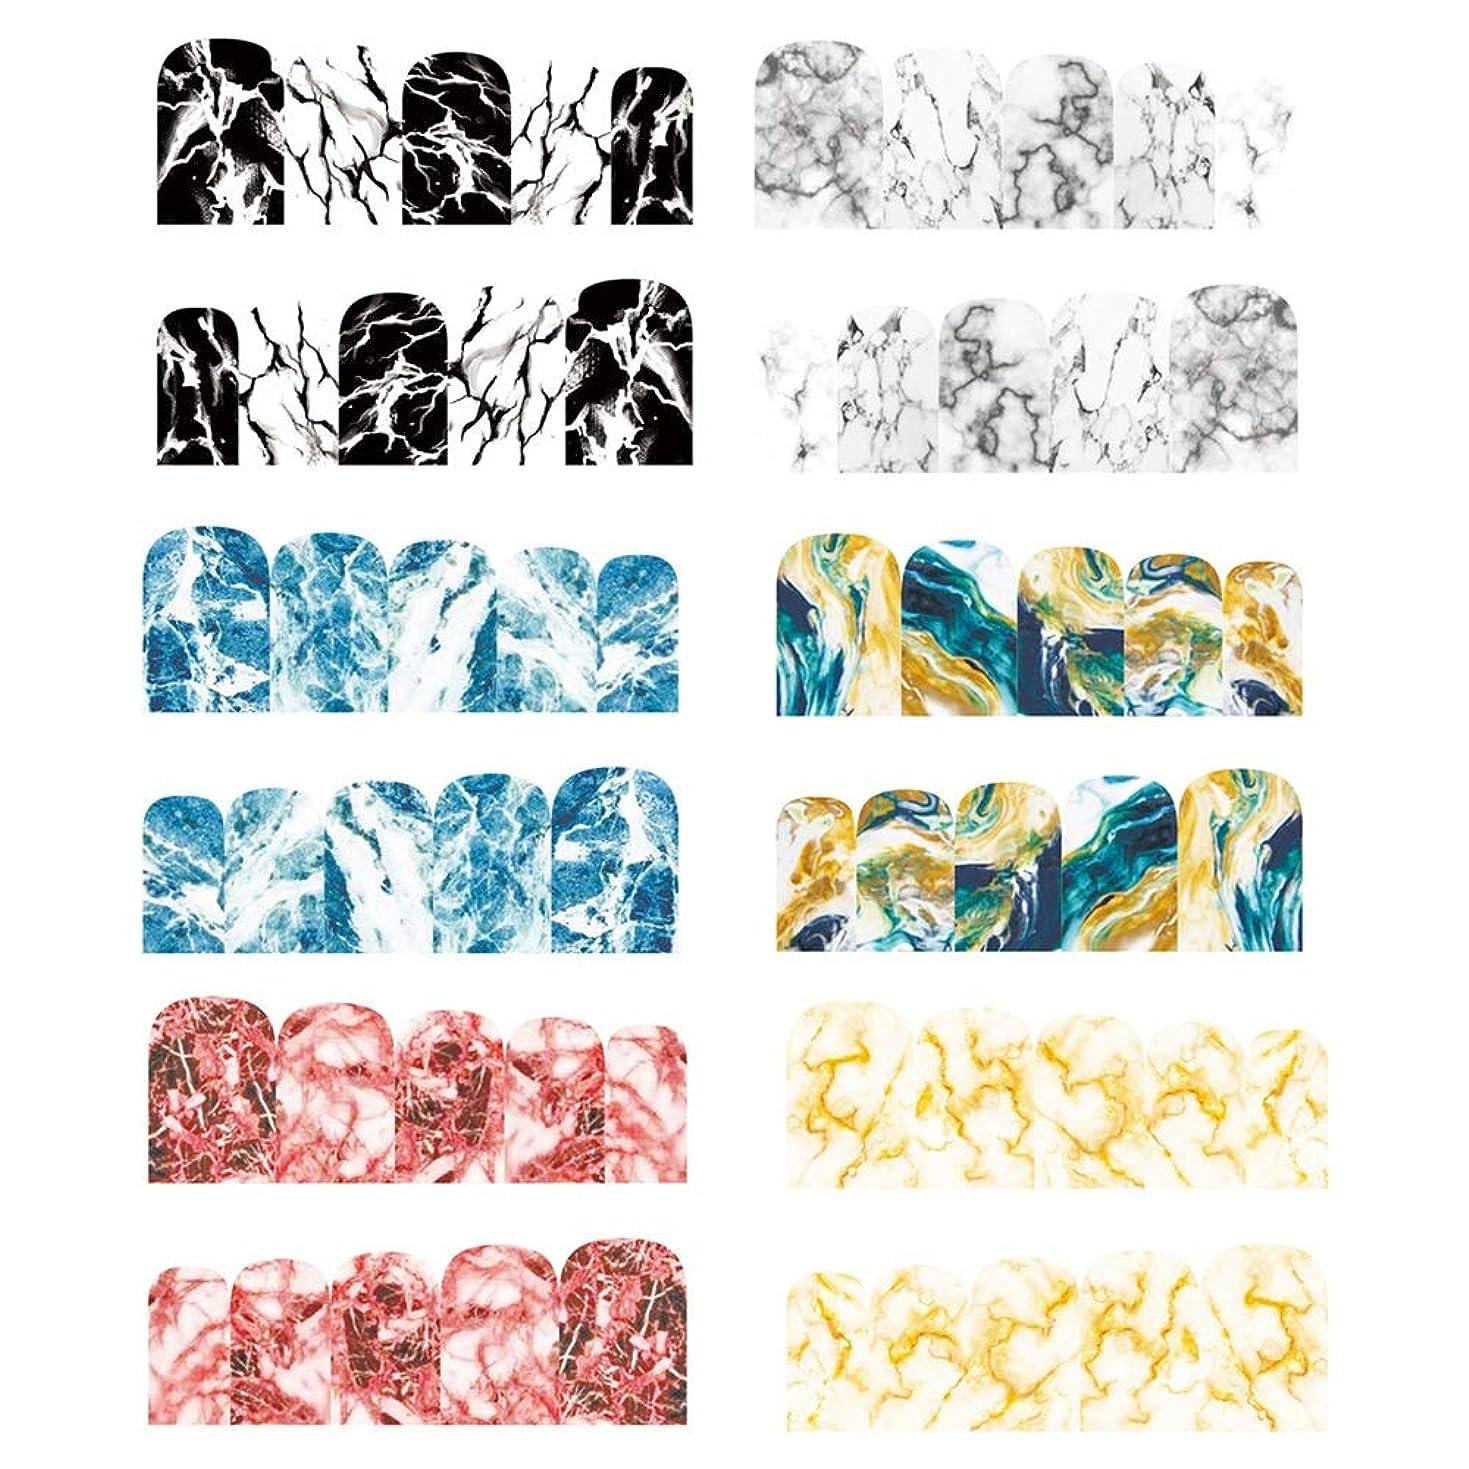 ゴミお肉ヒューズネイルステッカー DIY 3Dネイルシール ネイルパーツ 大理石 ネイルシール デコ ウォーターシールネイルアートシール ステッカー 貼り紙 綺麗 6ピース